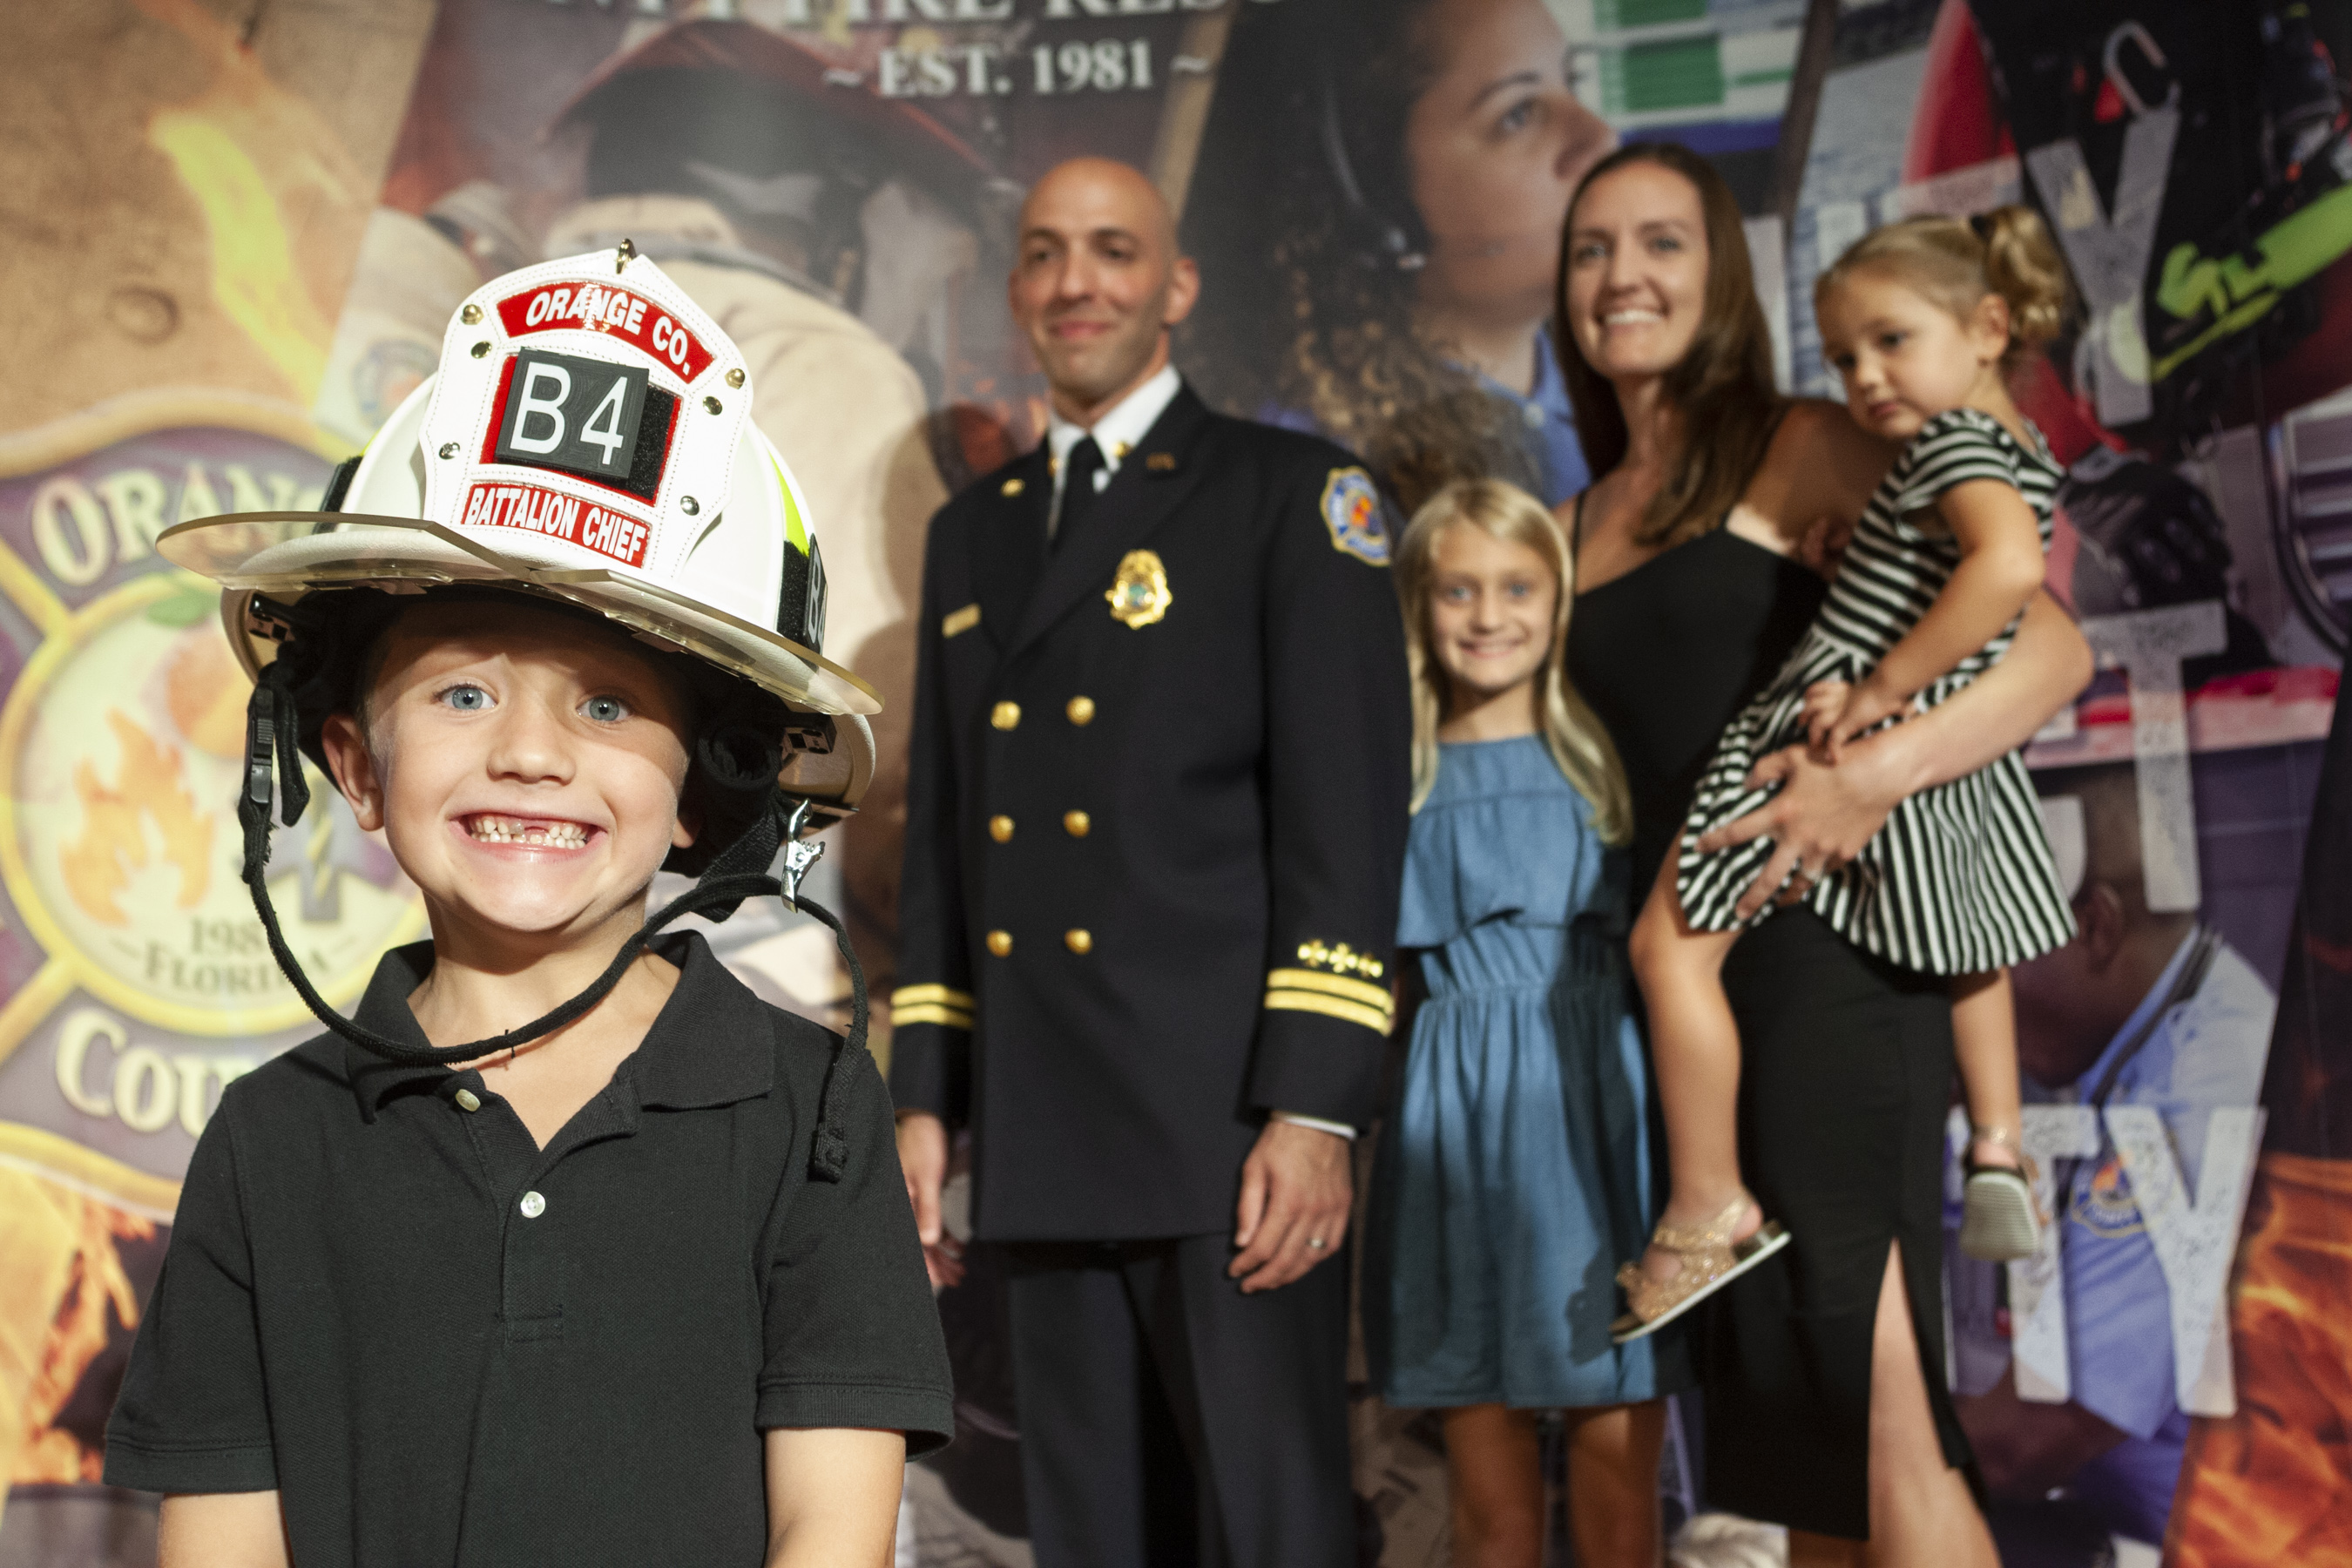 Un muchacho con casco de bombero sonriendo. Su familia permanece parada en el fondo.